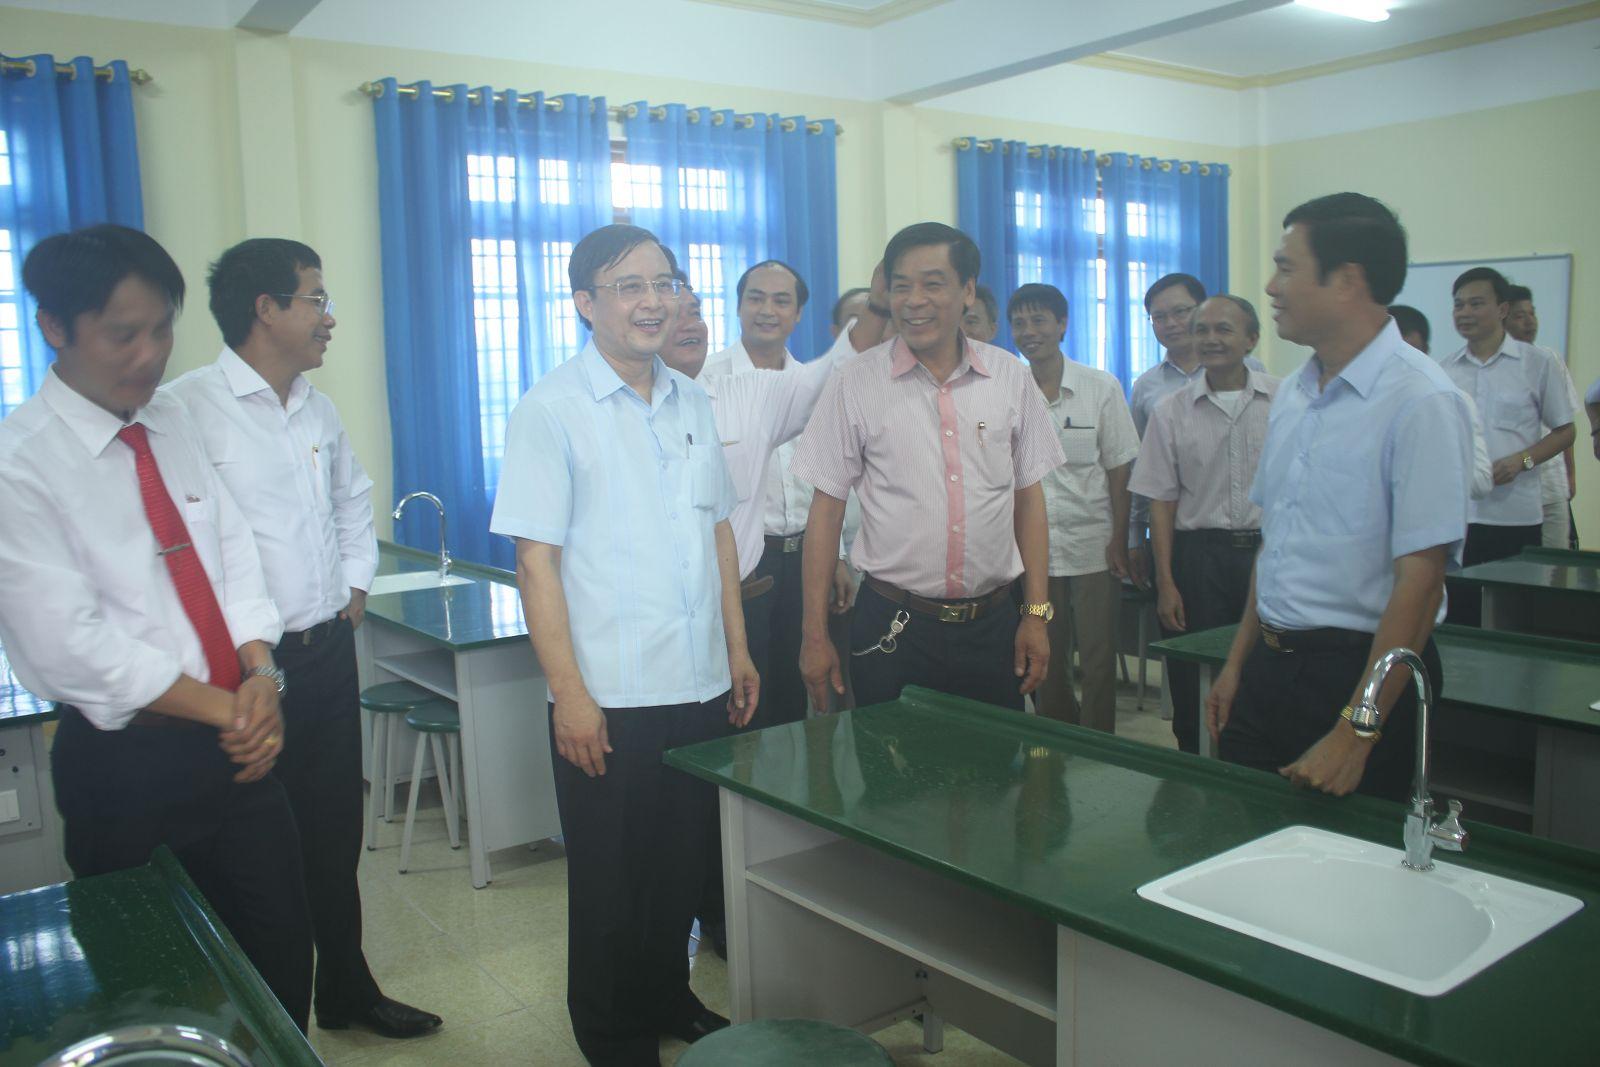 Lãnh đạo đi thăm quan phòng học